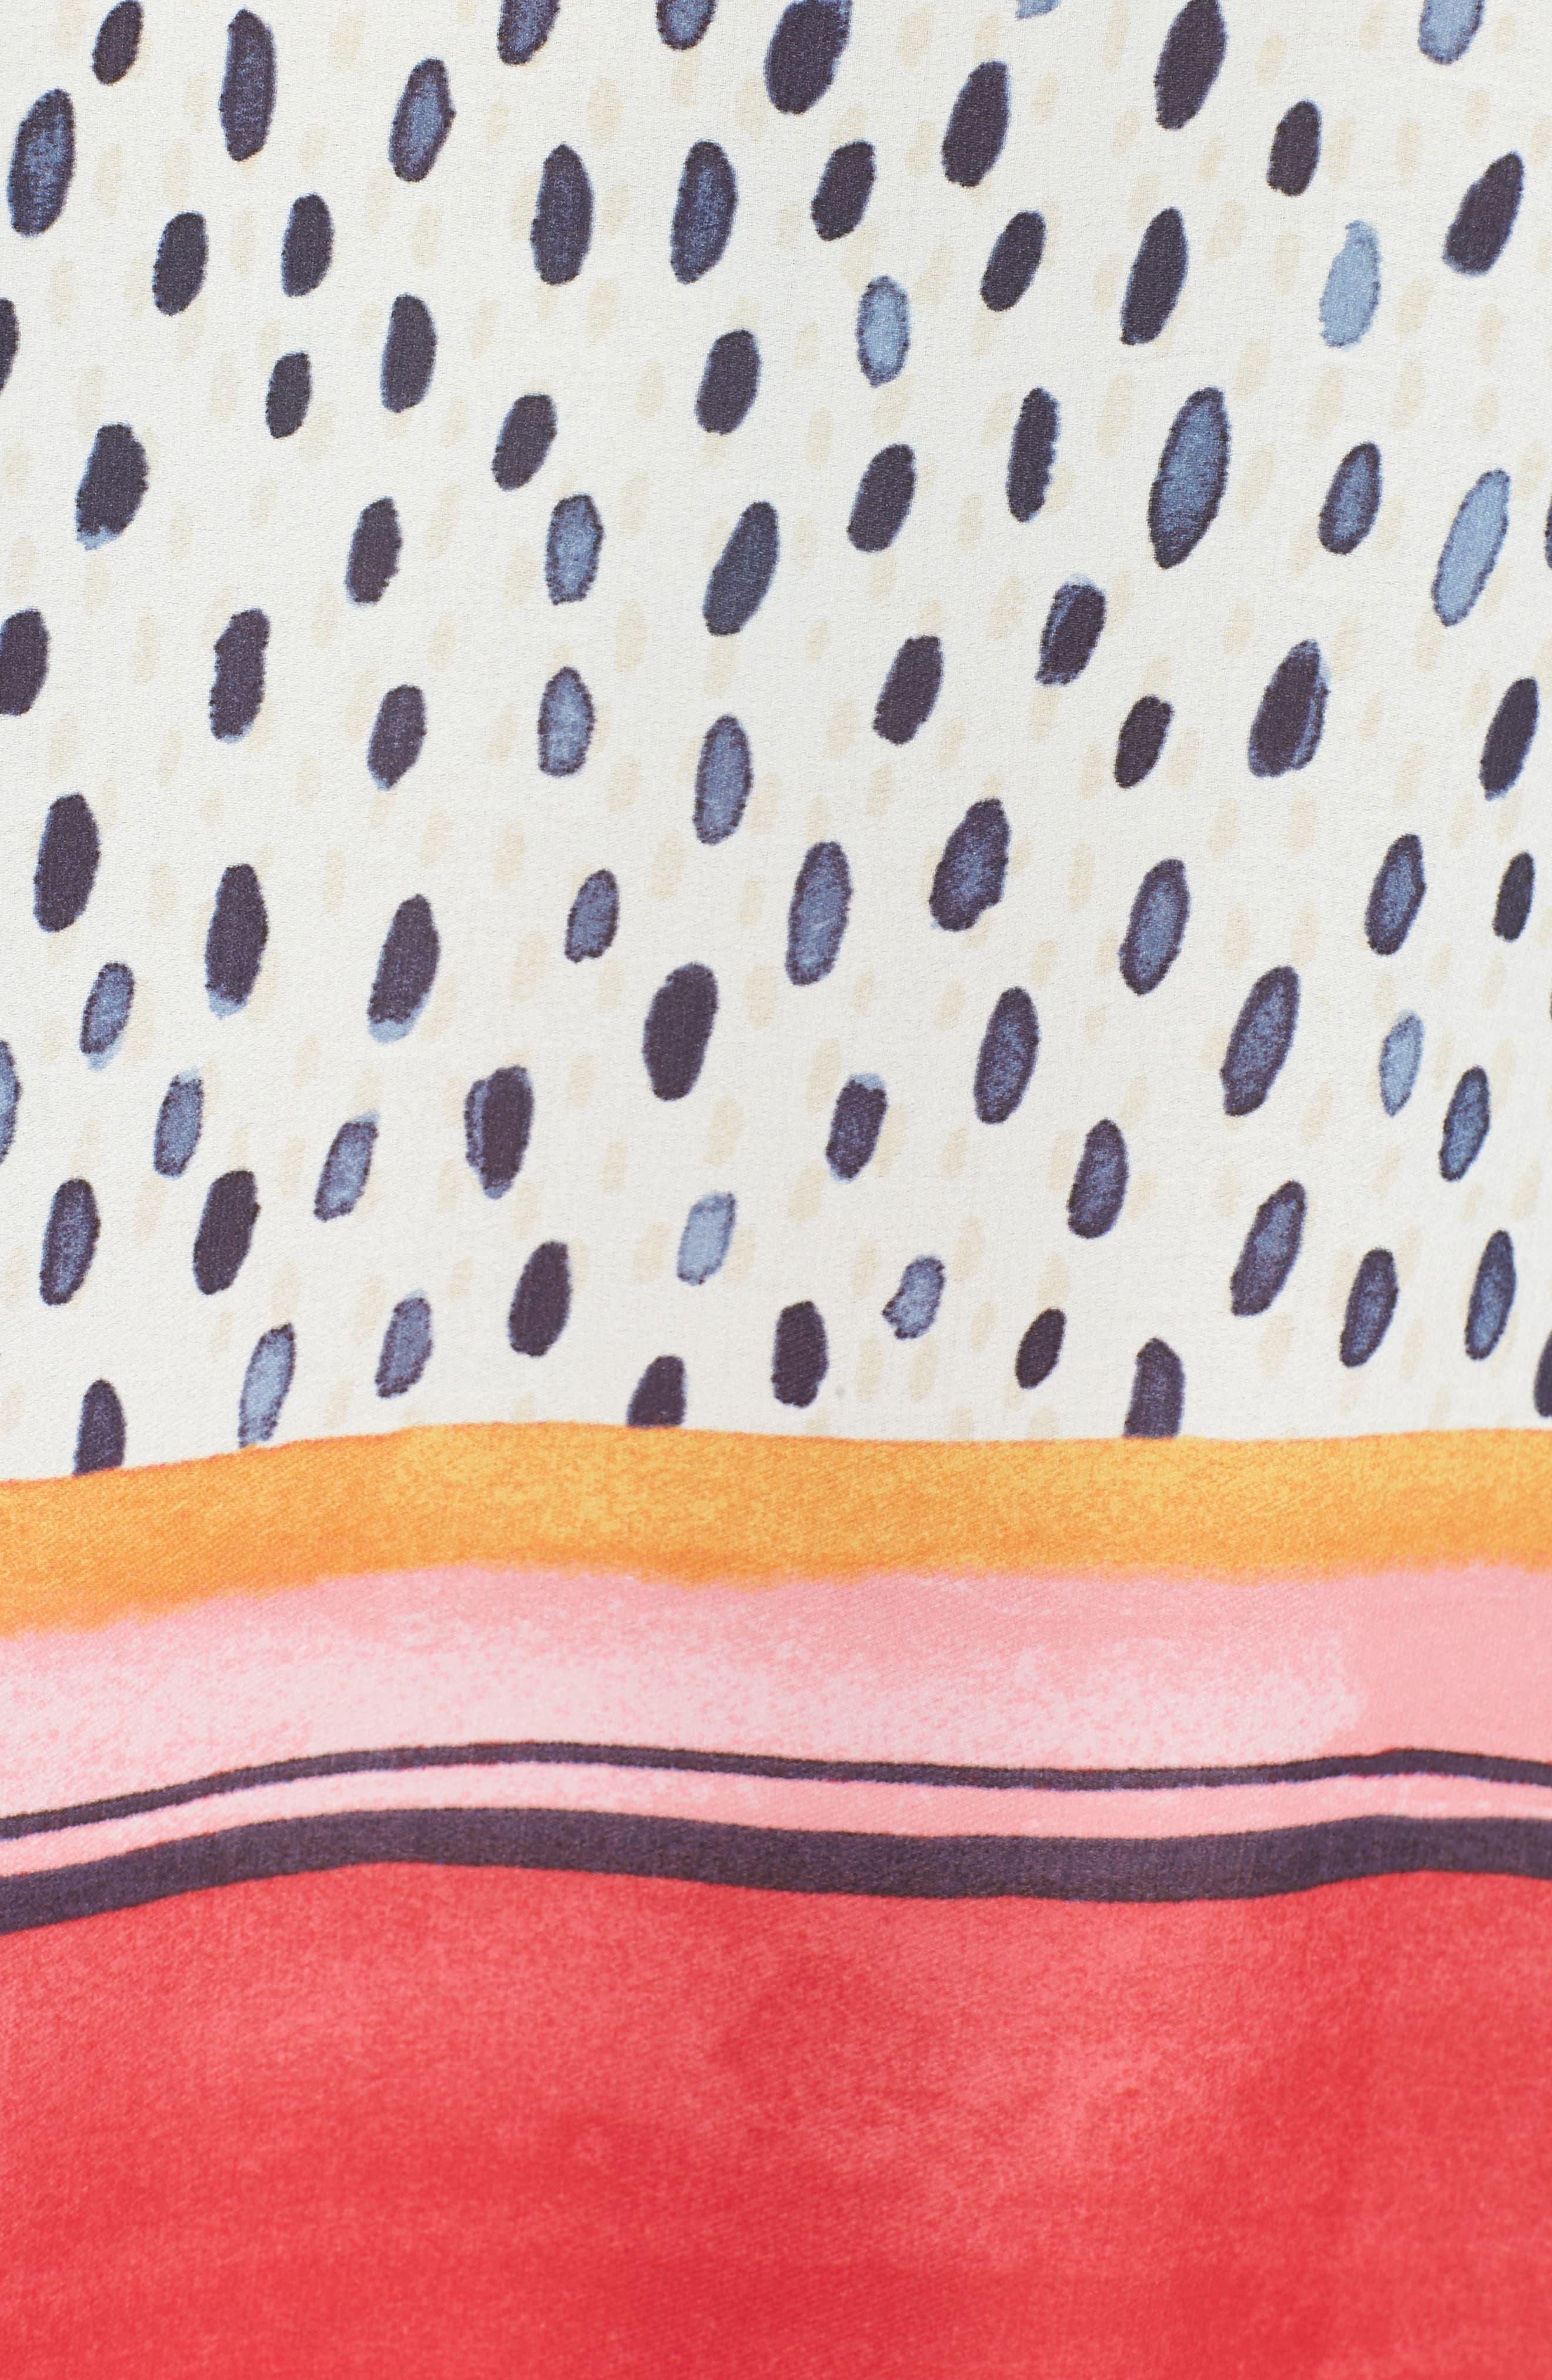 Merengue Blouse,                             Alternate thumbnail 5, color,                             190